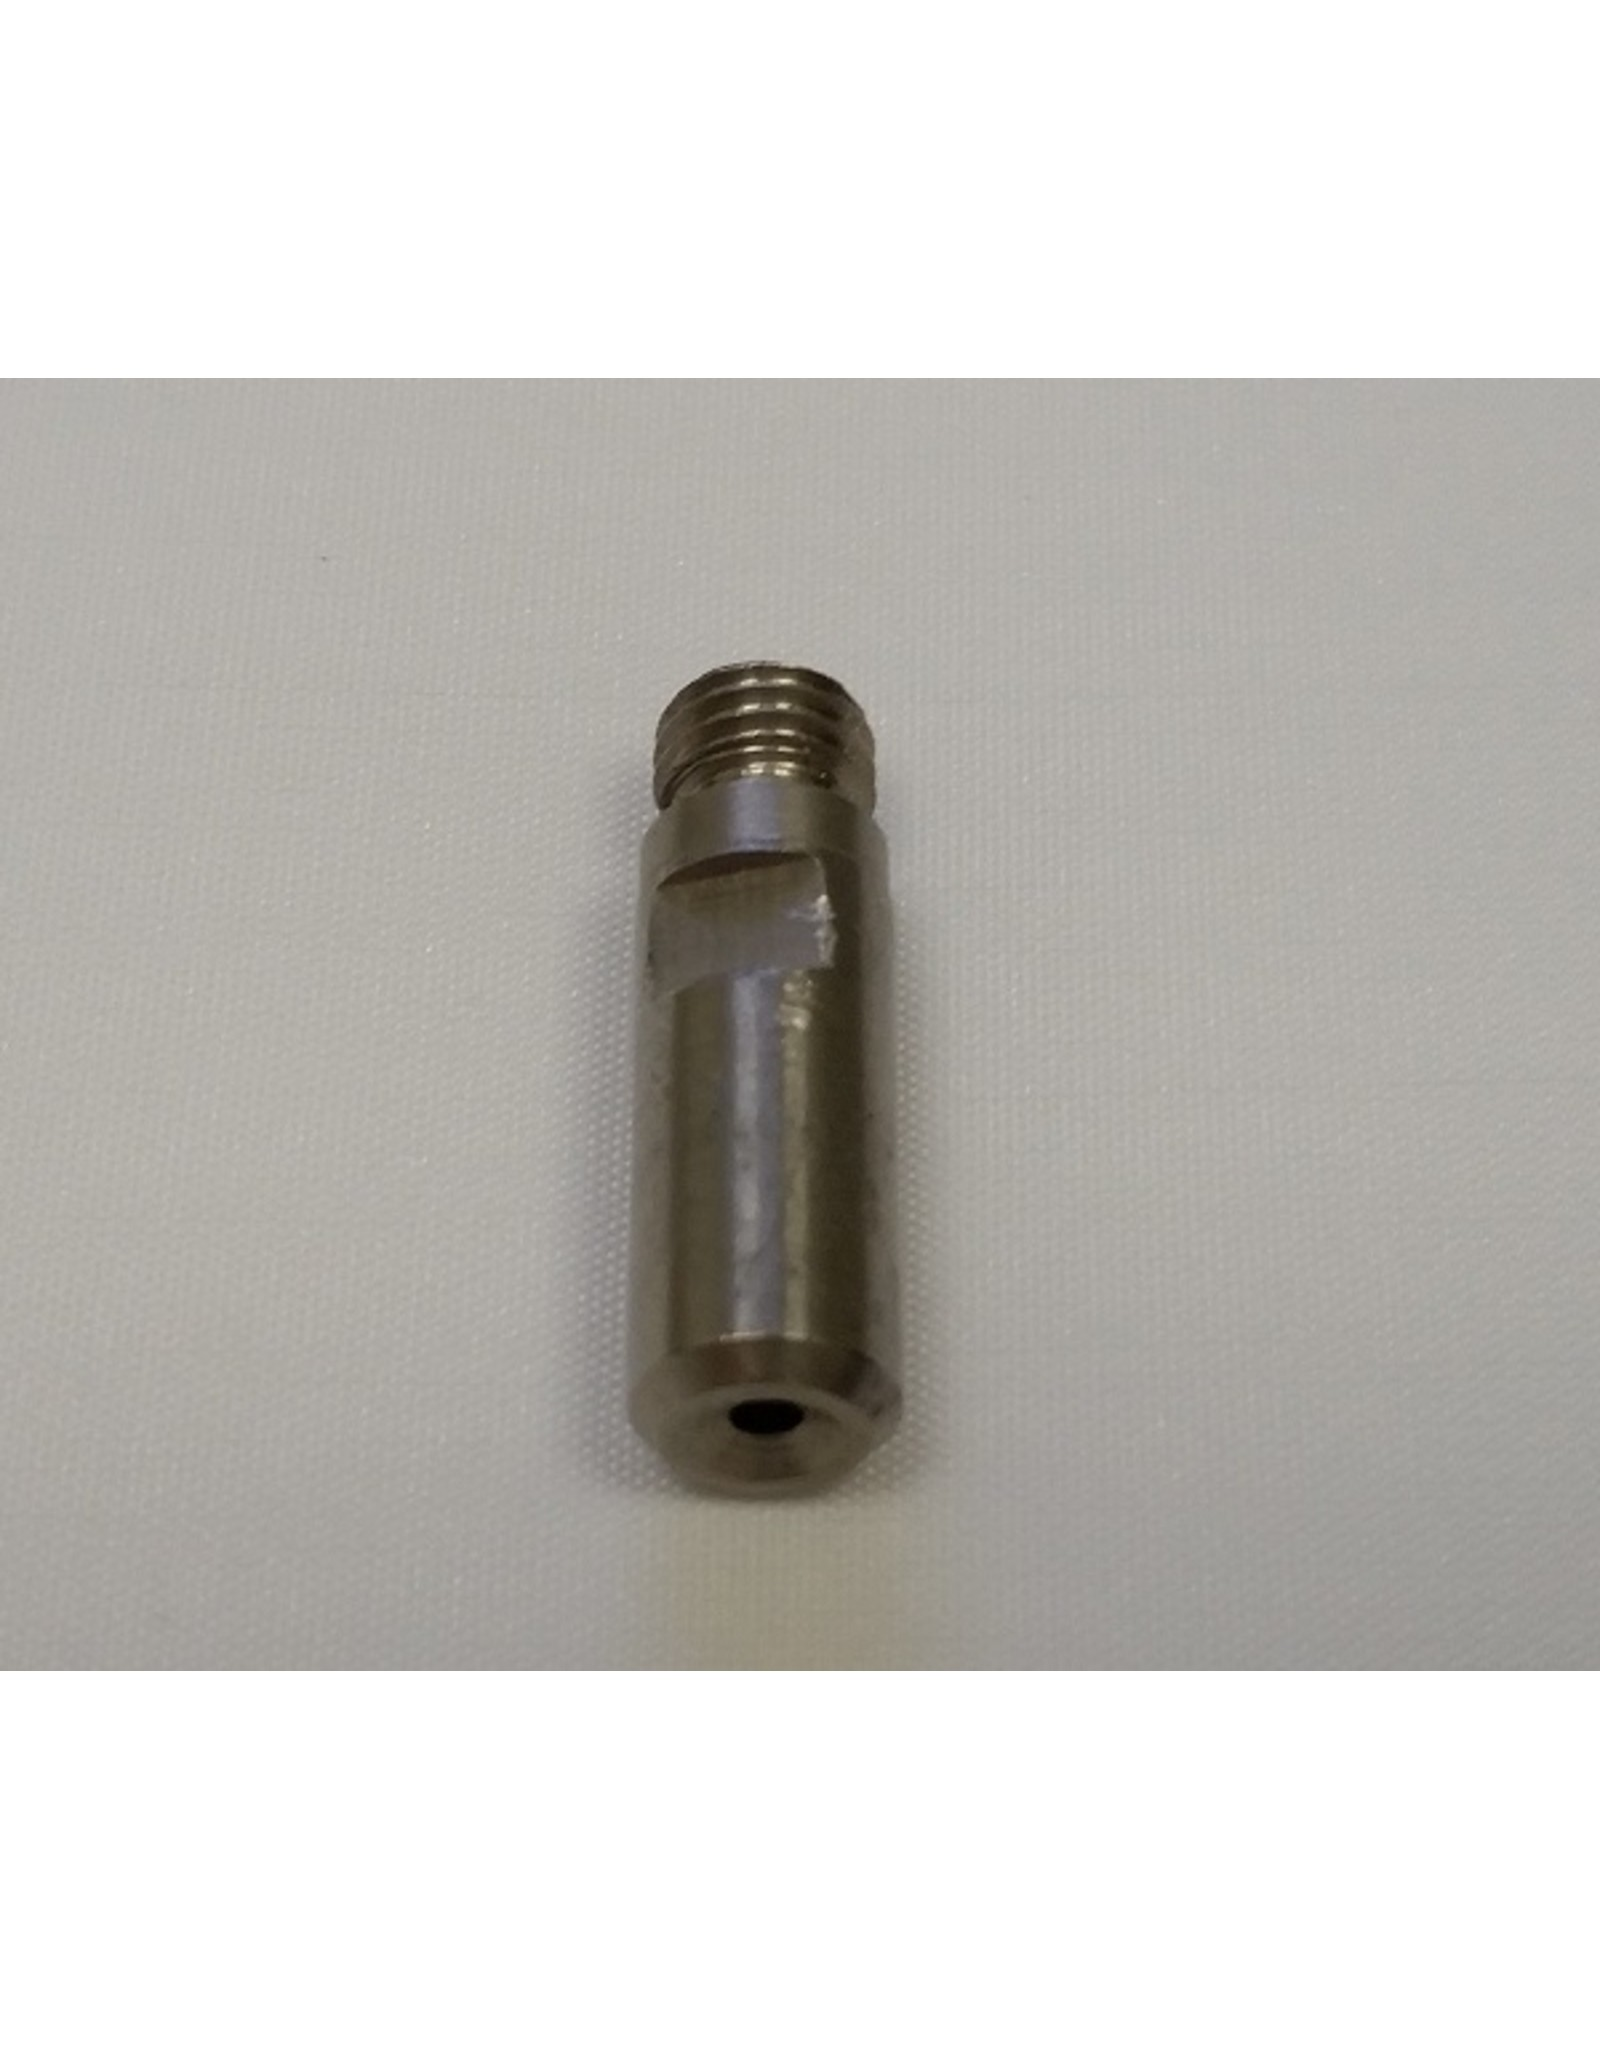 Wanhao Wanhao MK10/MK11 Guiding tube for ptfe